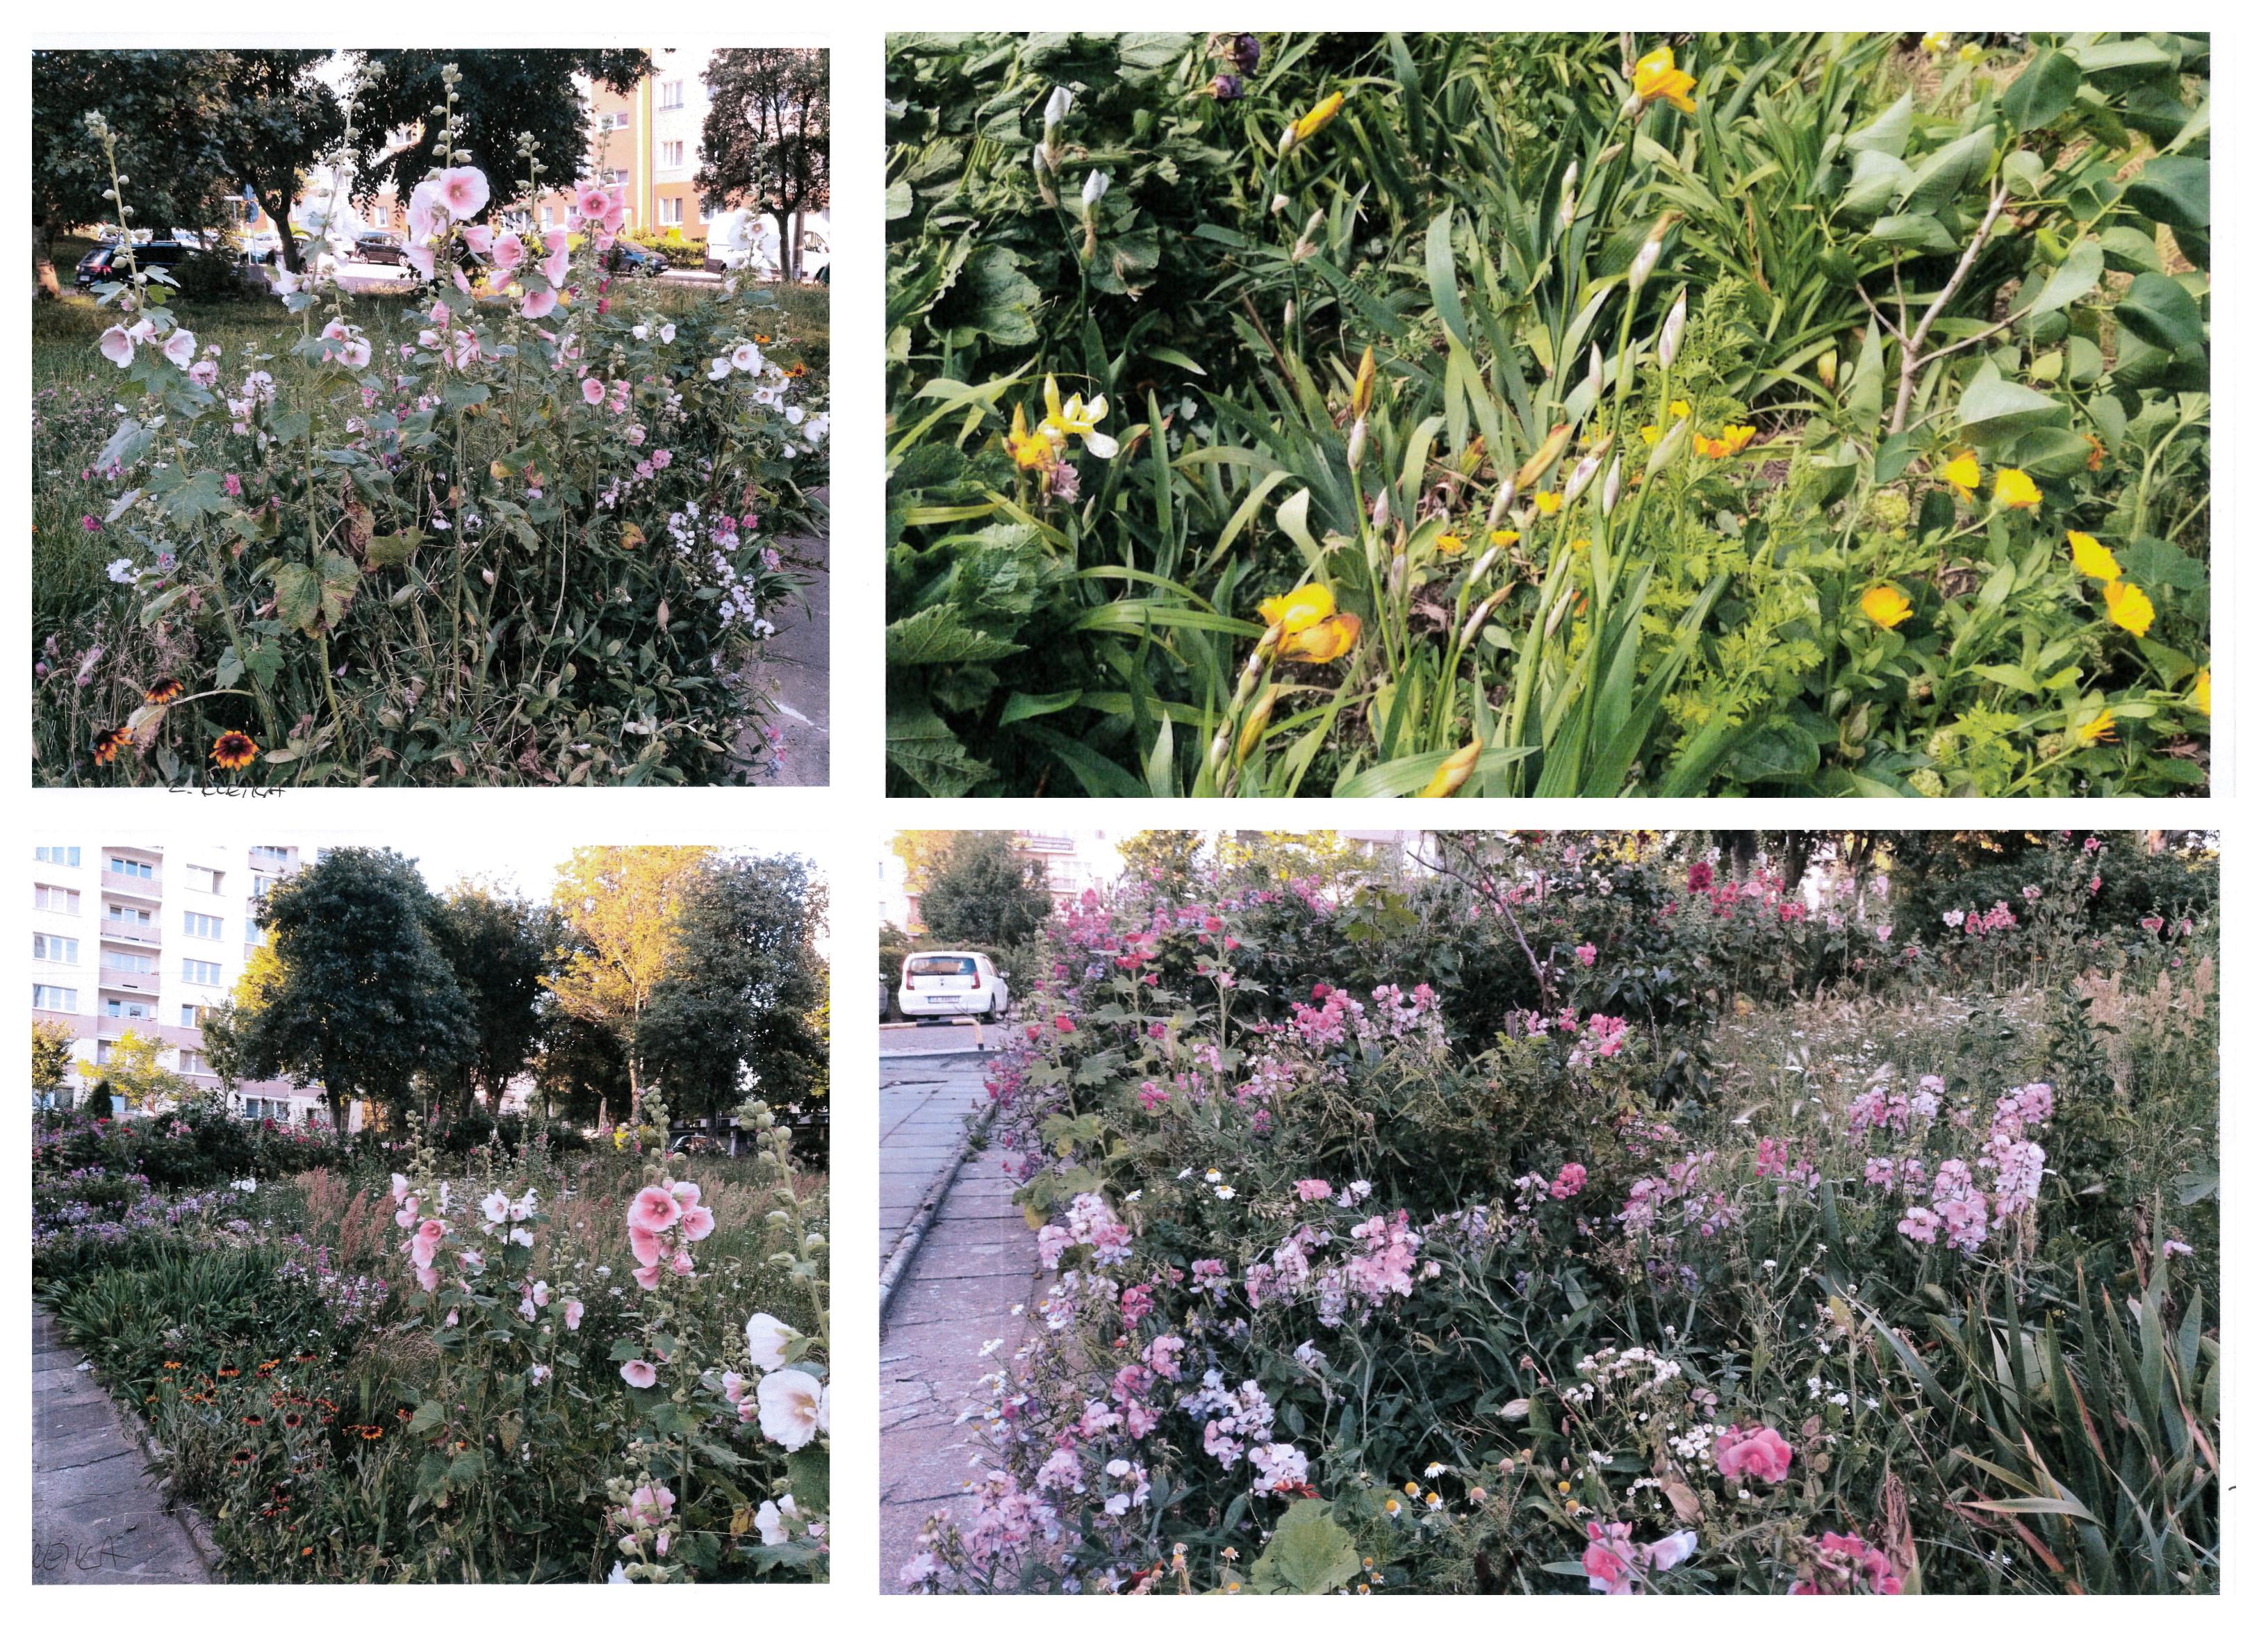 Aranżacja autorstwa Zofii Klęki w sielskim klimacie, w której przeważają malwy, groszek pachnący, róże i nagietki